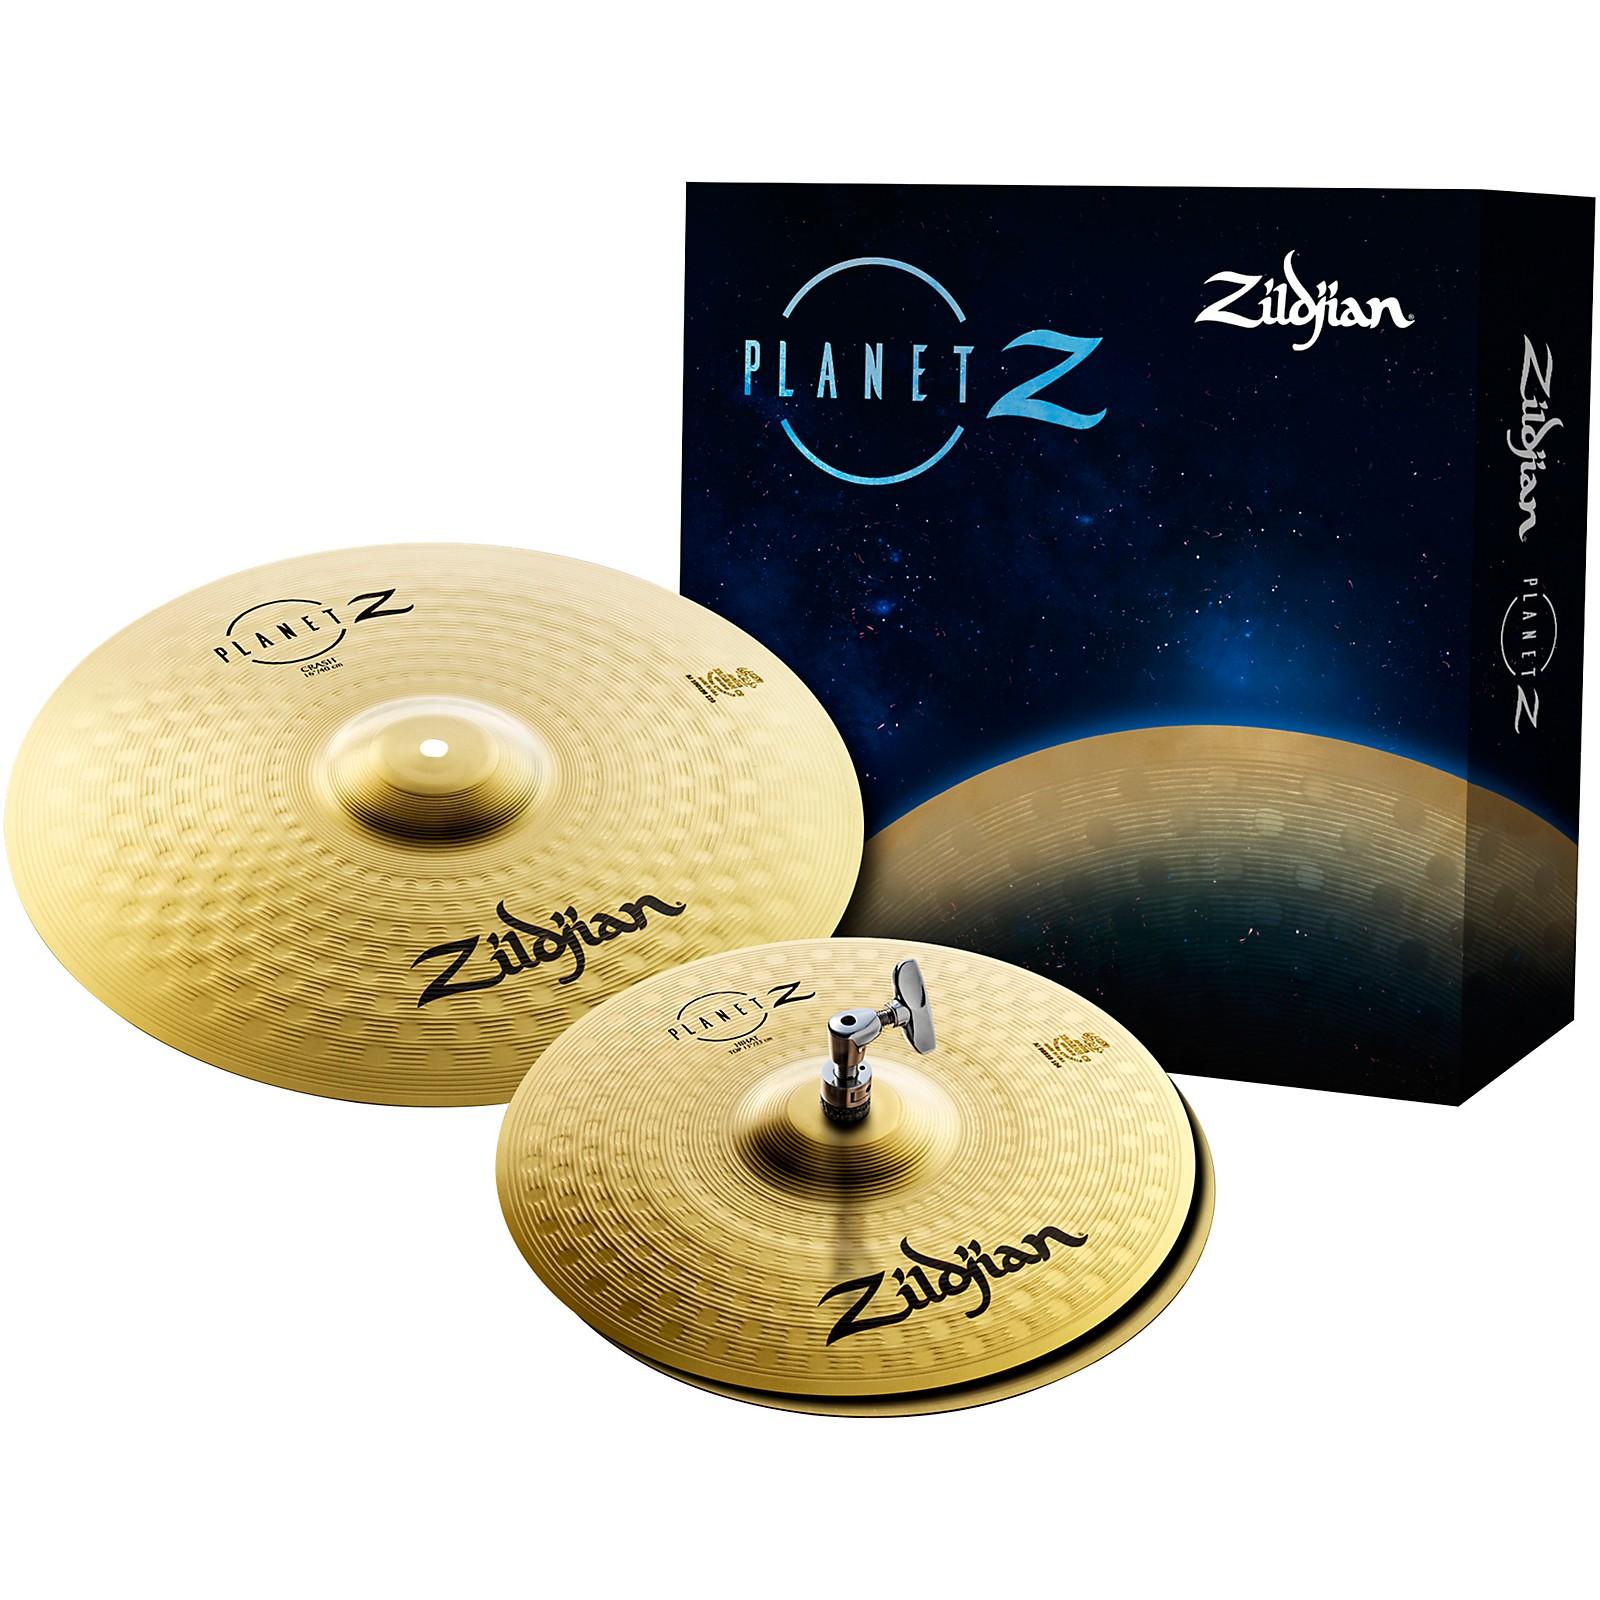 Zildjian Planet Z 13